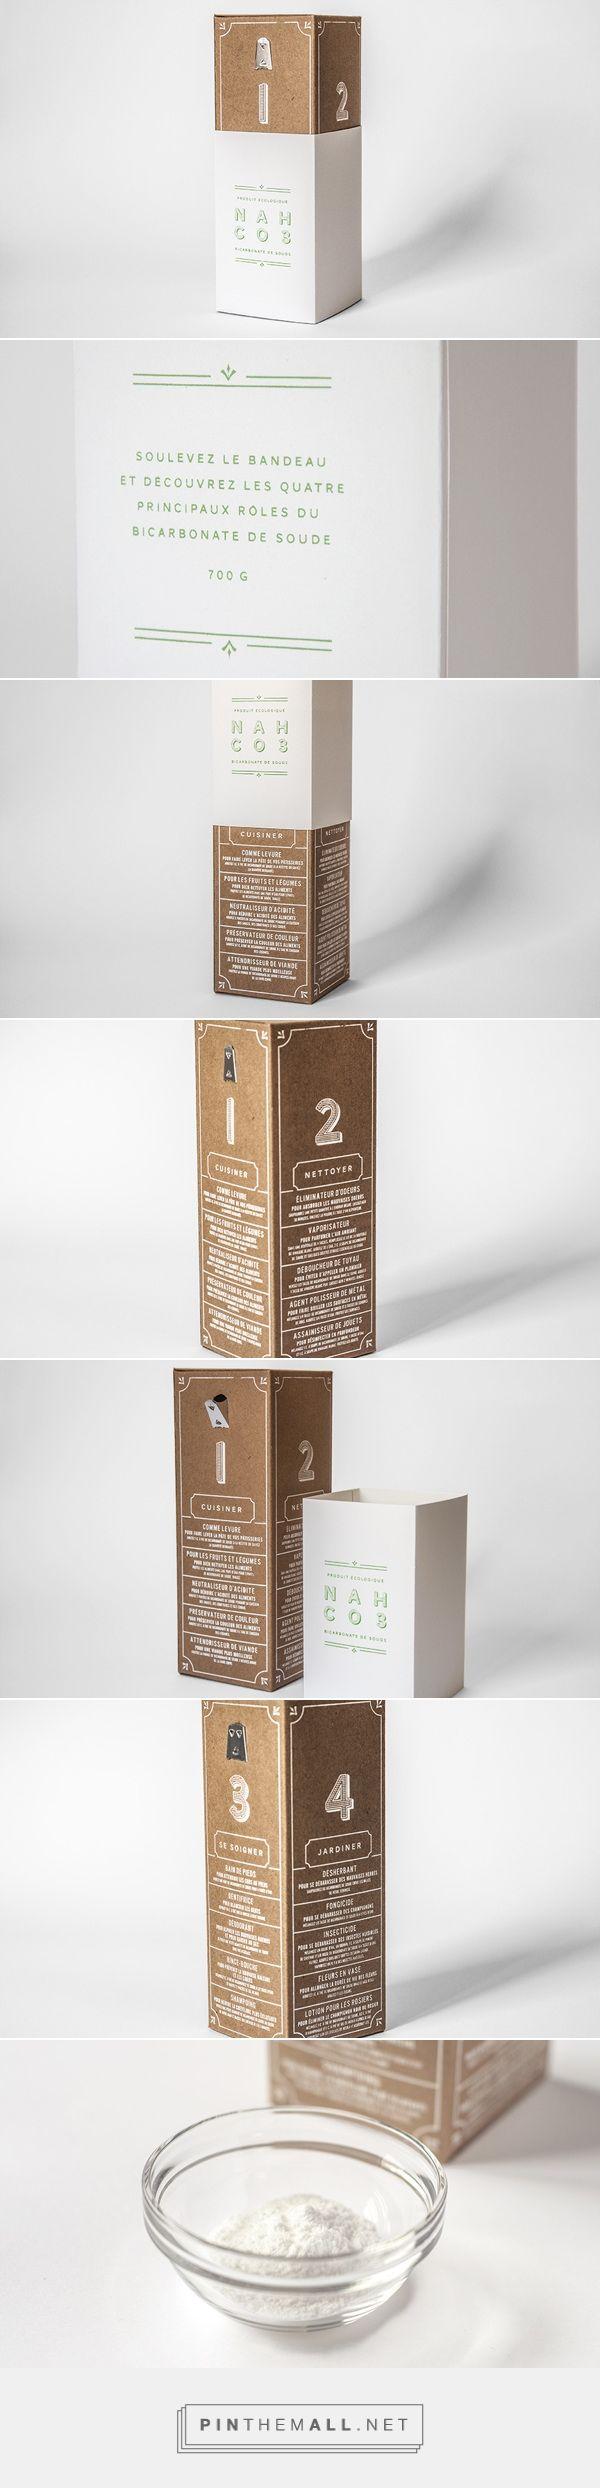 NAHCO3 -  packaging design for baking soda